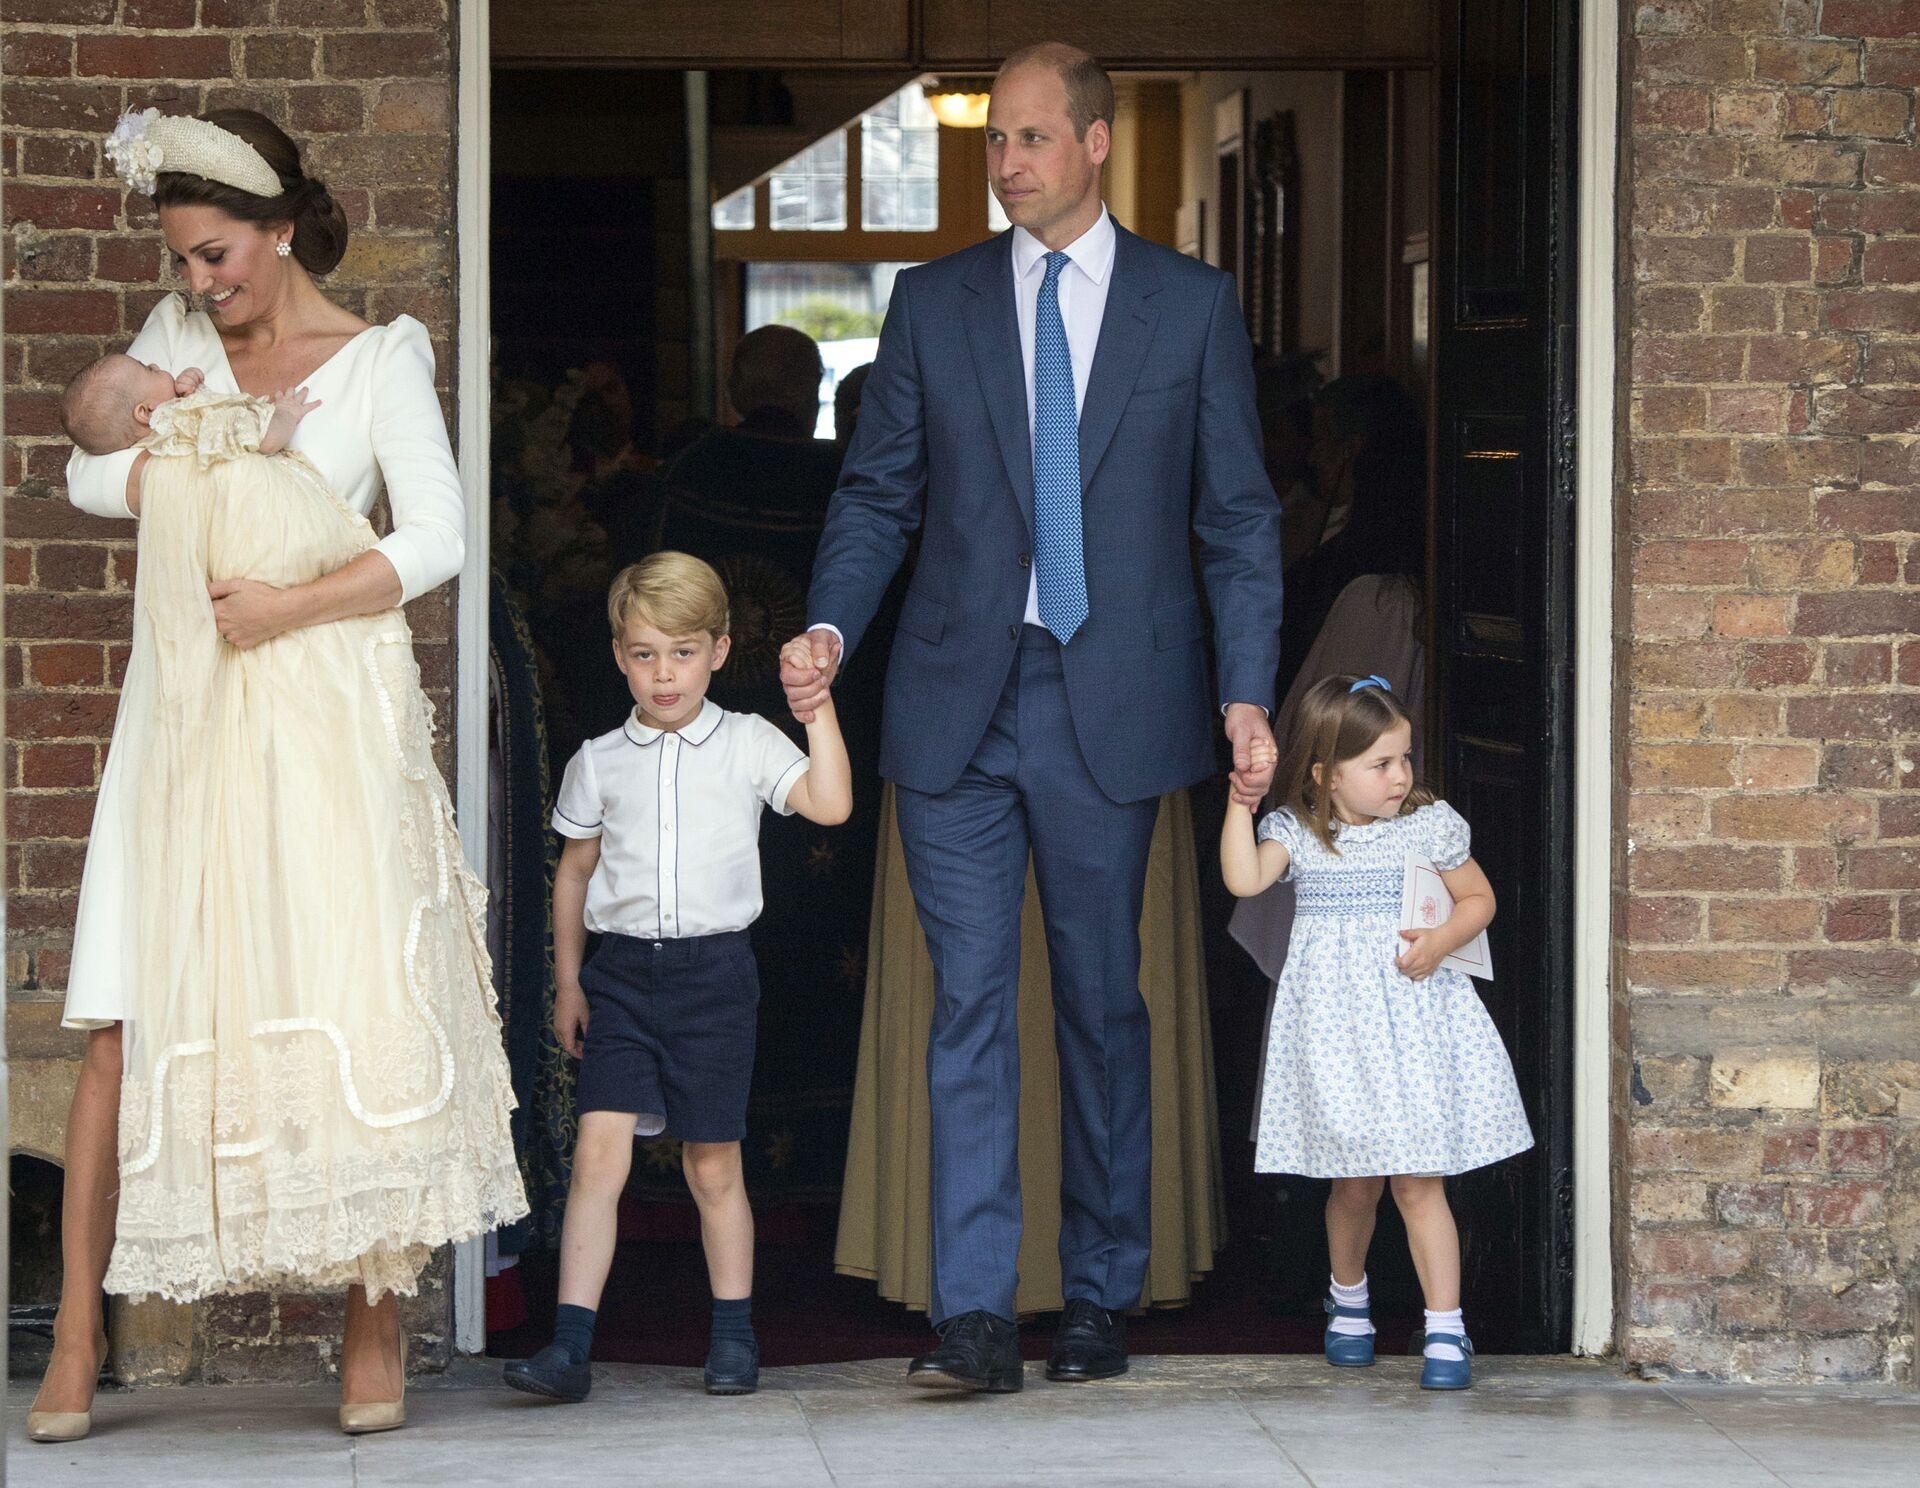 Принц Великобритании Уильям и Кейт, герцогиня Кембриджская, со своими детьми Принц Джордж, принцесса Шарлотта Принц Луи, когда они прибывают на службу крещения принца Луи - Sputnik Азербайджан, 1920, 12.10.2021